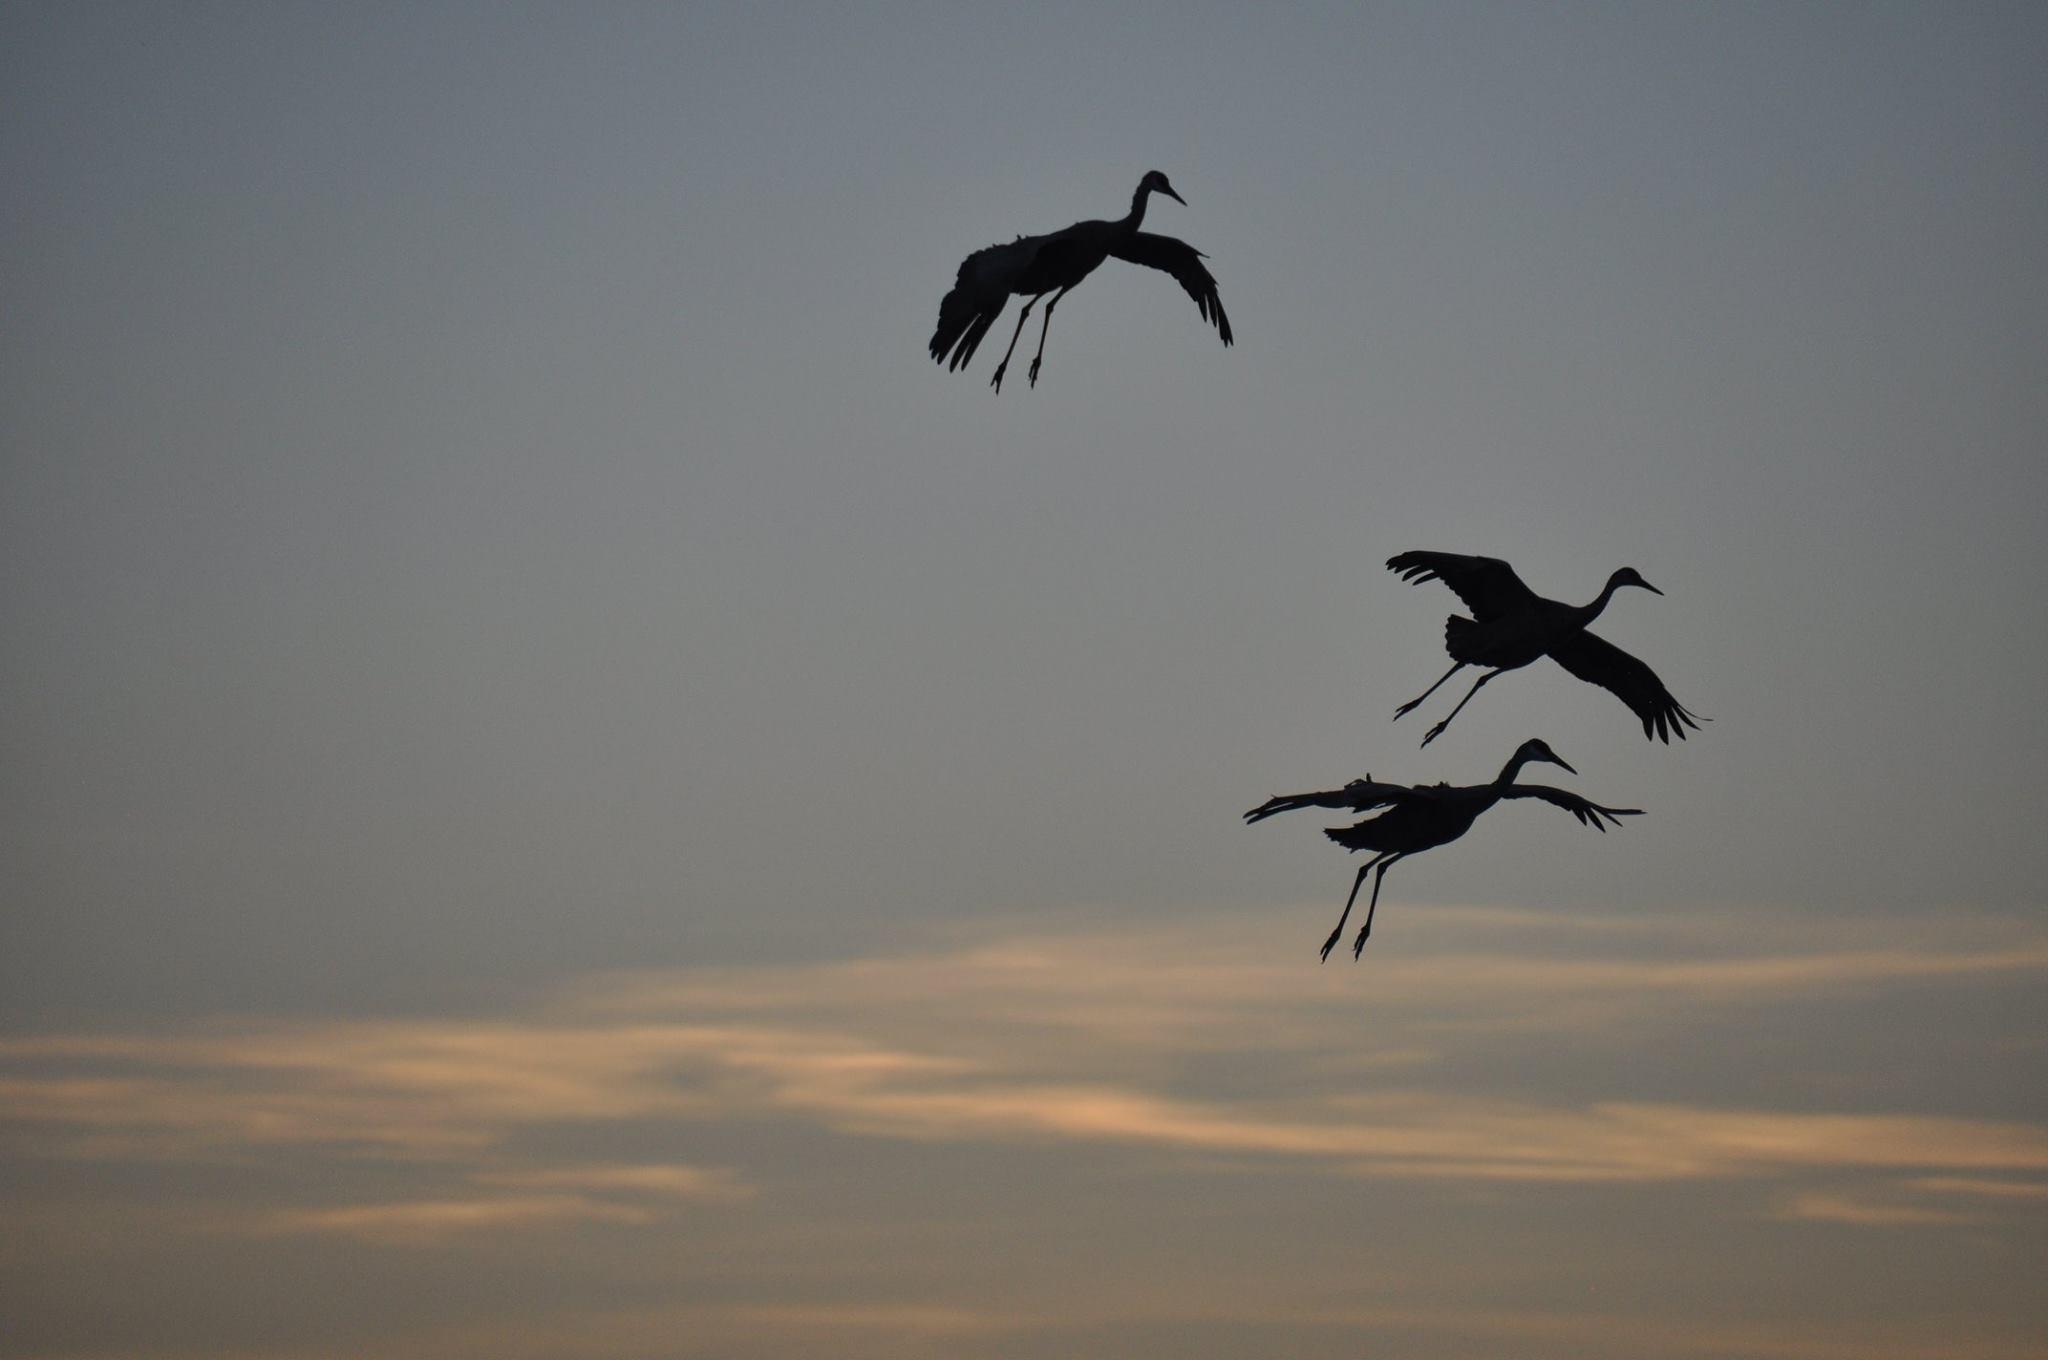 Bosque del Apache Festival of the Crane 2015